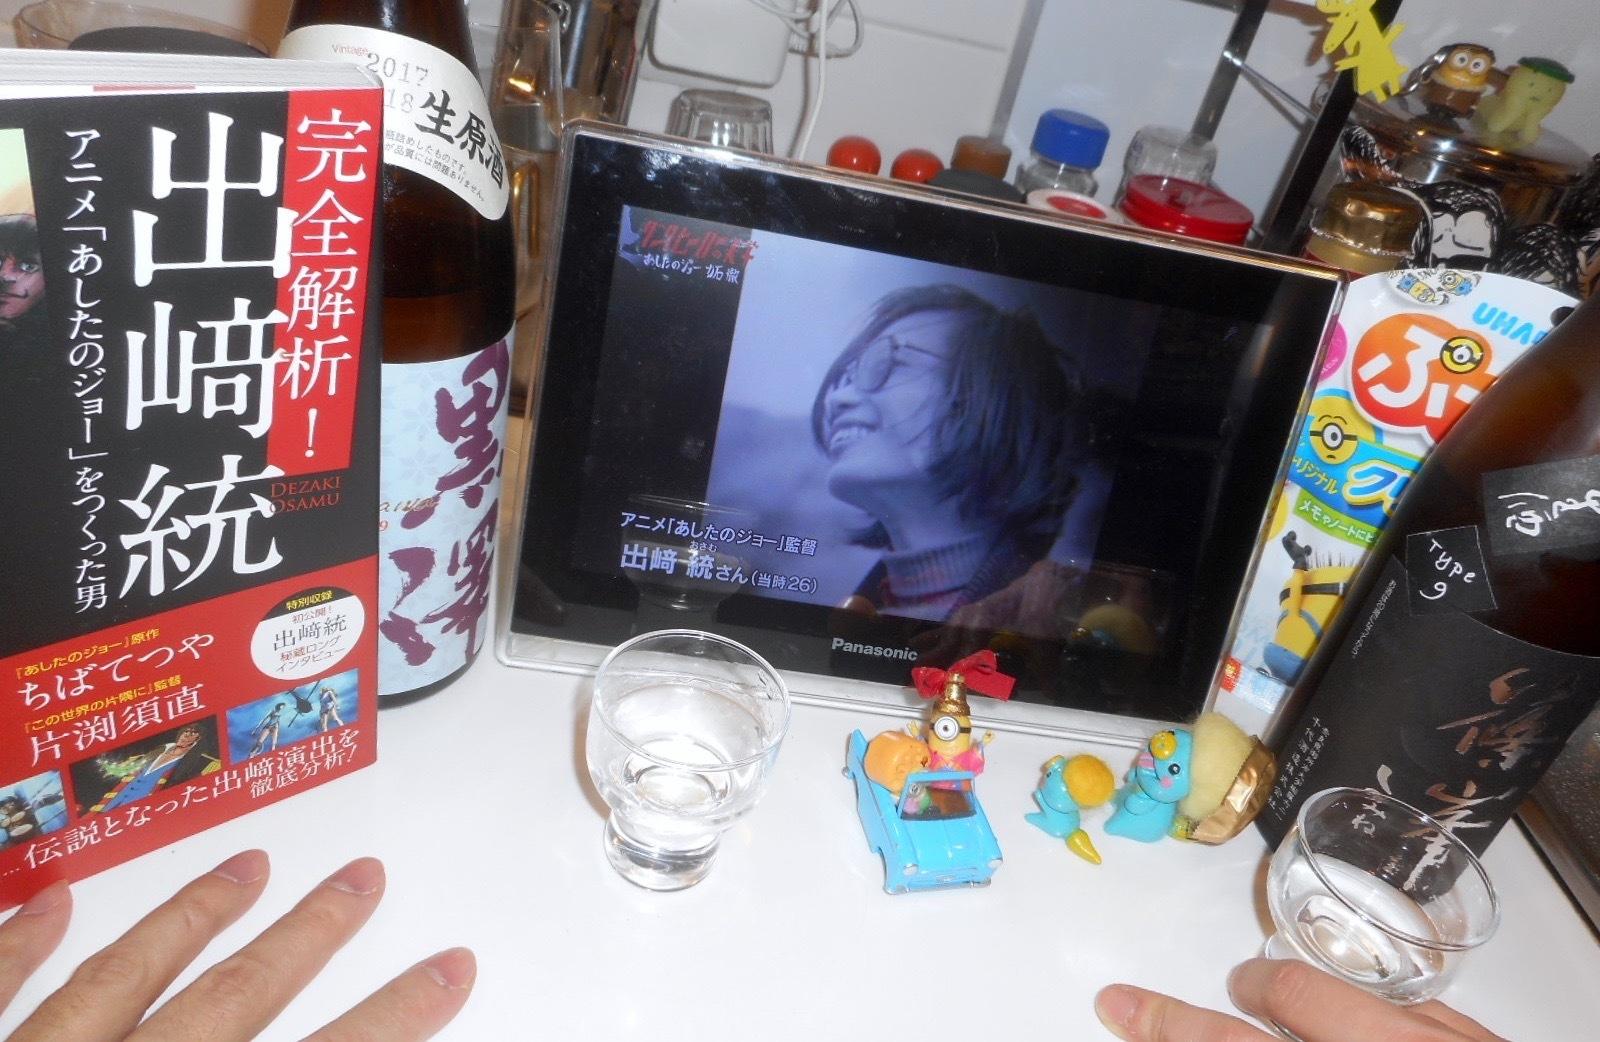 shinomine_type9_29by2_6.jpg